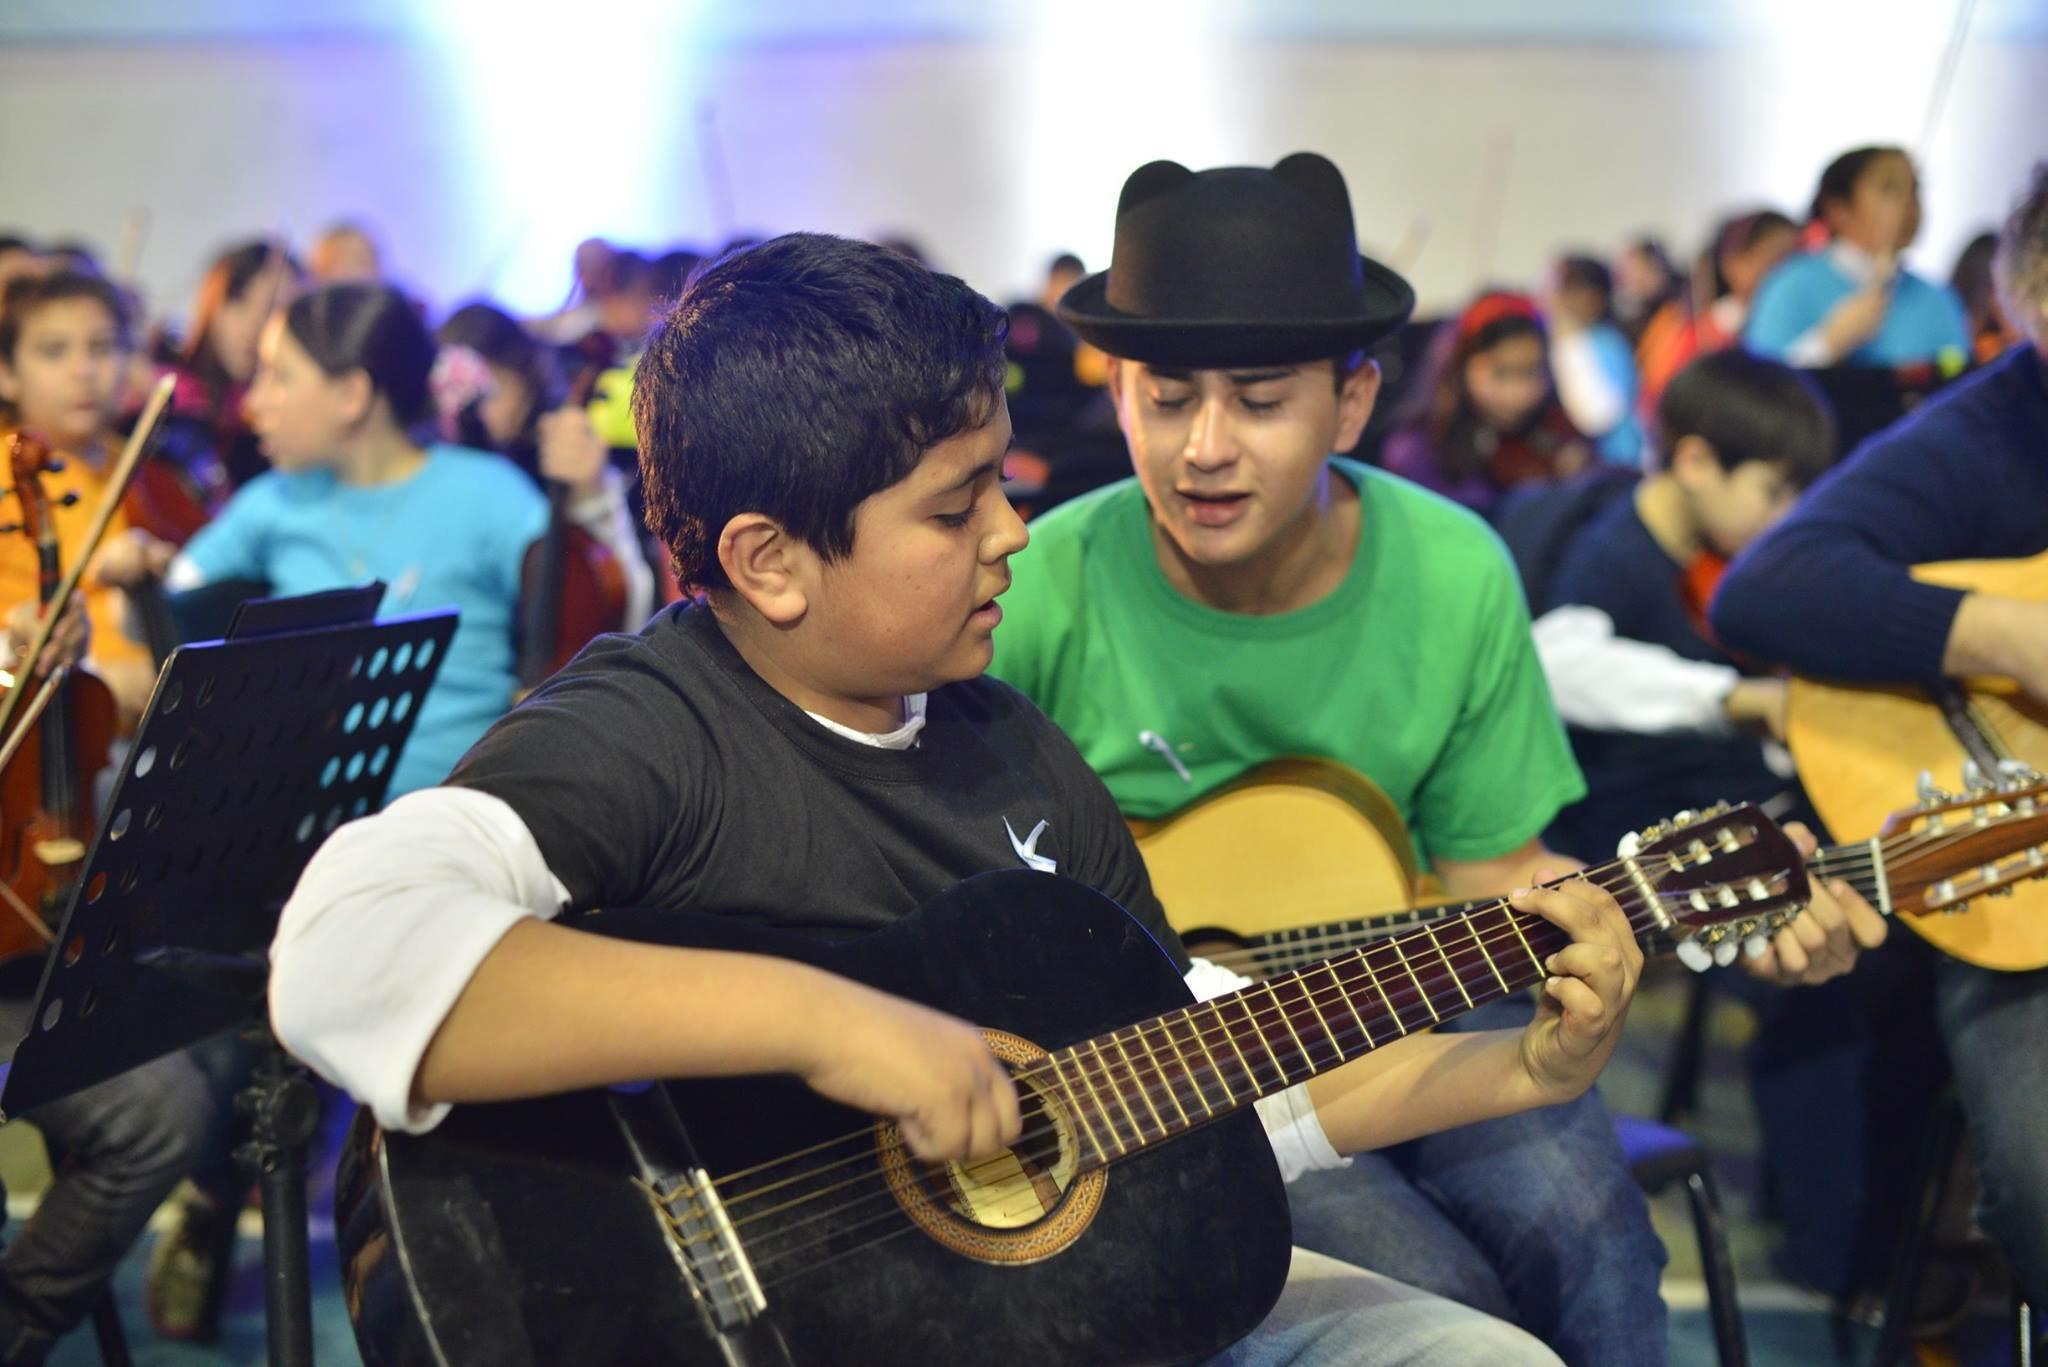 La Orquesta Escuela de la ciudad de Berisso cumple 13 años y lo celebra este fin de semana a toda música con distintas actividades.